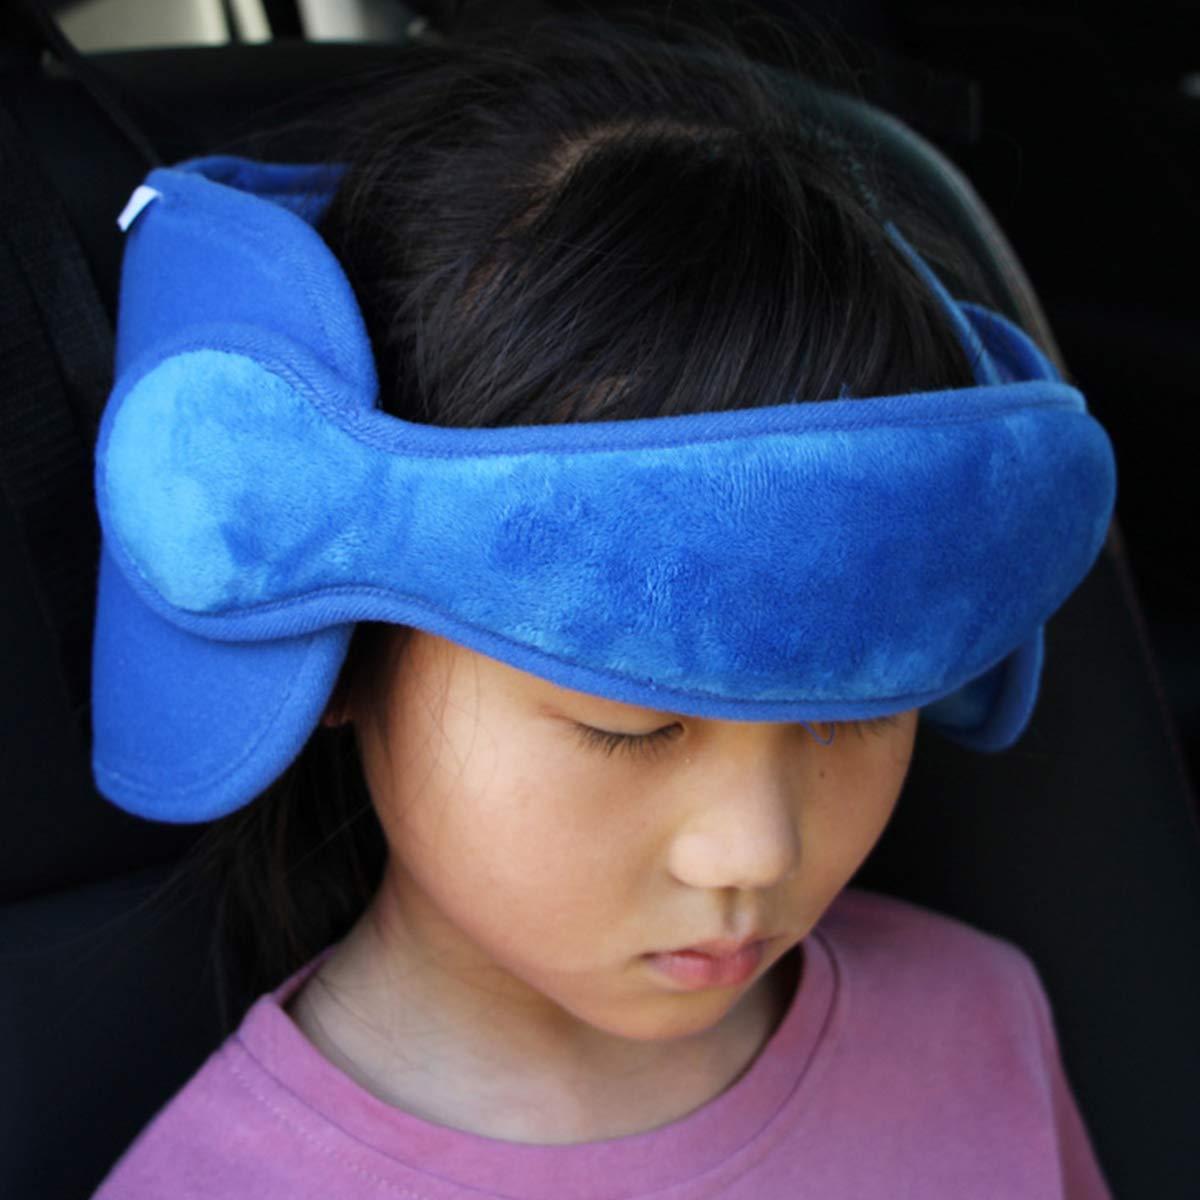 T/ête doreiller de s/écurit/é b/éb/é R/églable-Si/ège de S/écurit/é Pour Enfant Doux Confortable Porte-T/ête Fixation Ceinture bleu